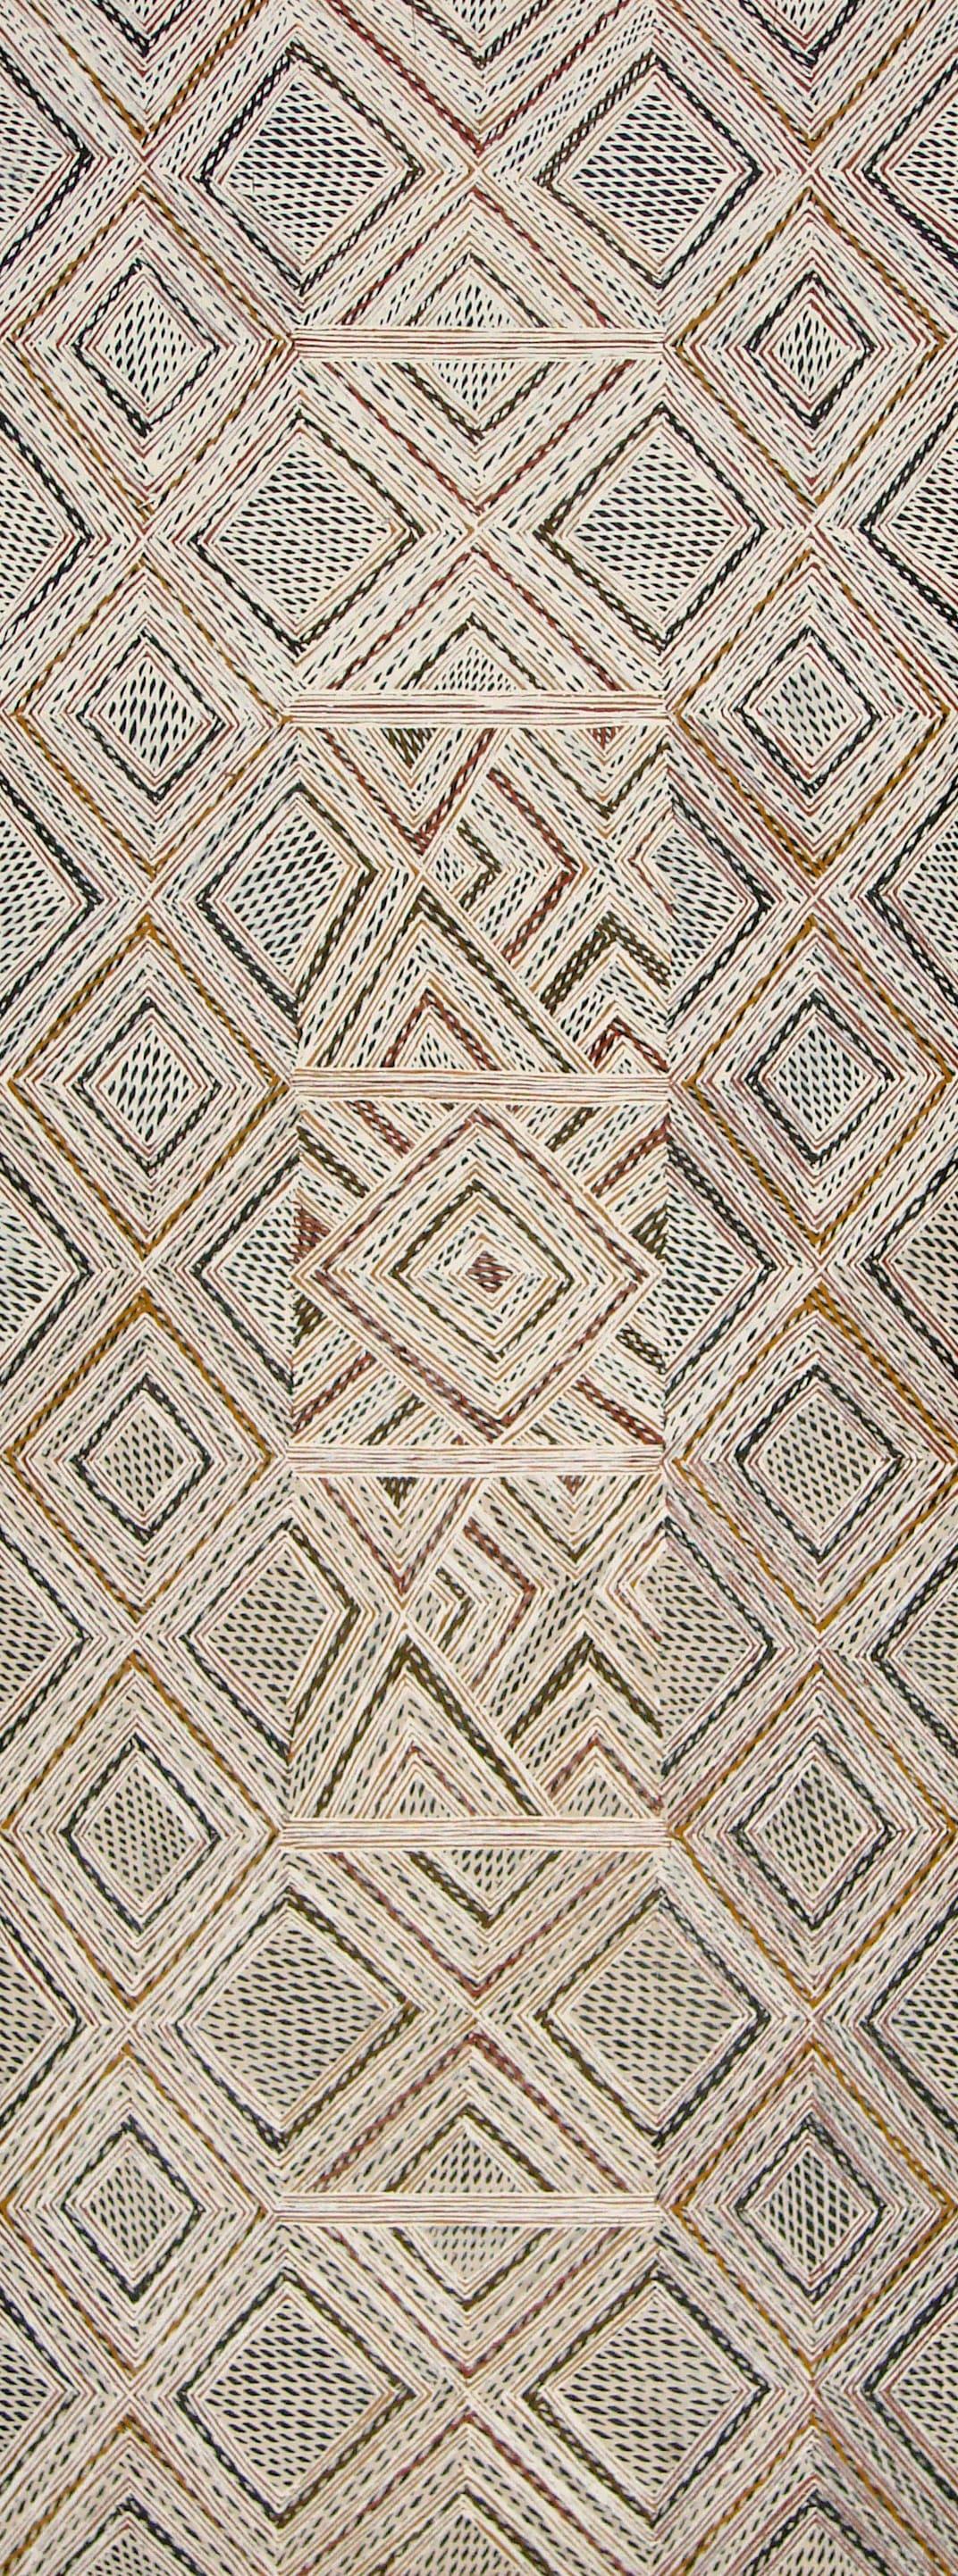 Garawan Wanambi Marranu Miny'tji natural earth pigment on bark 107 x 41 cm